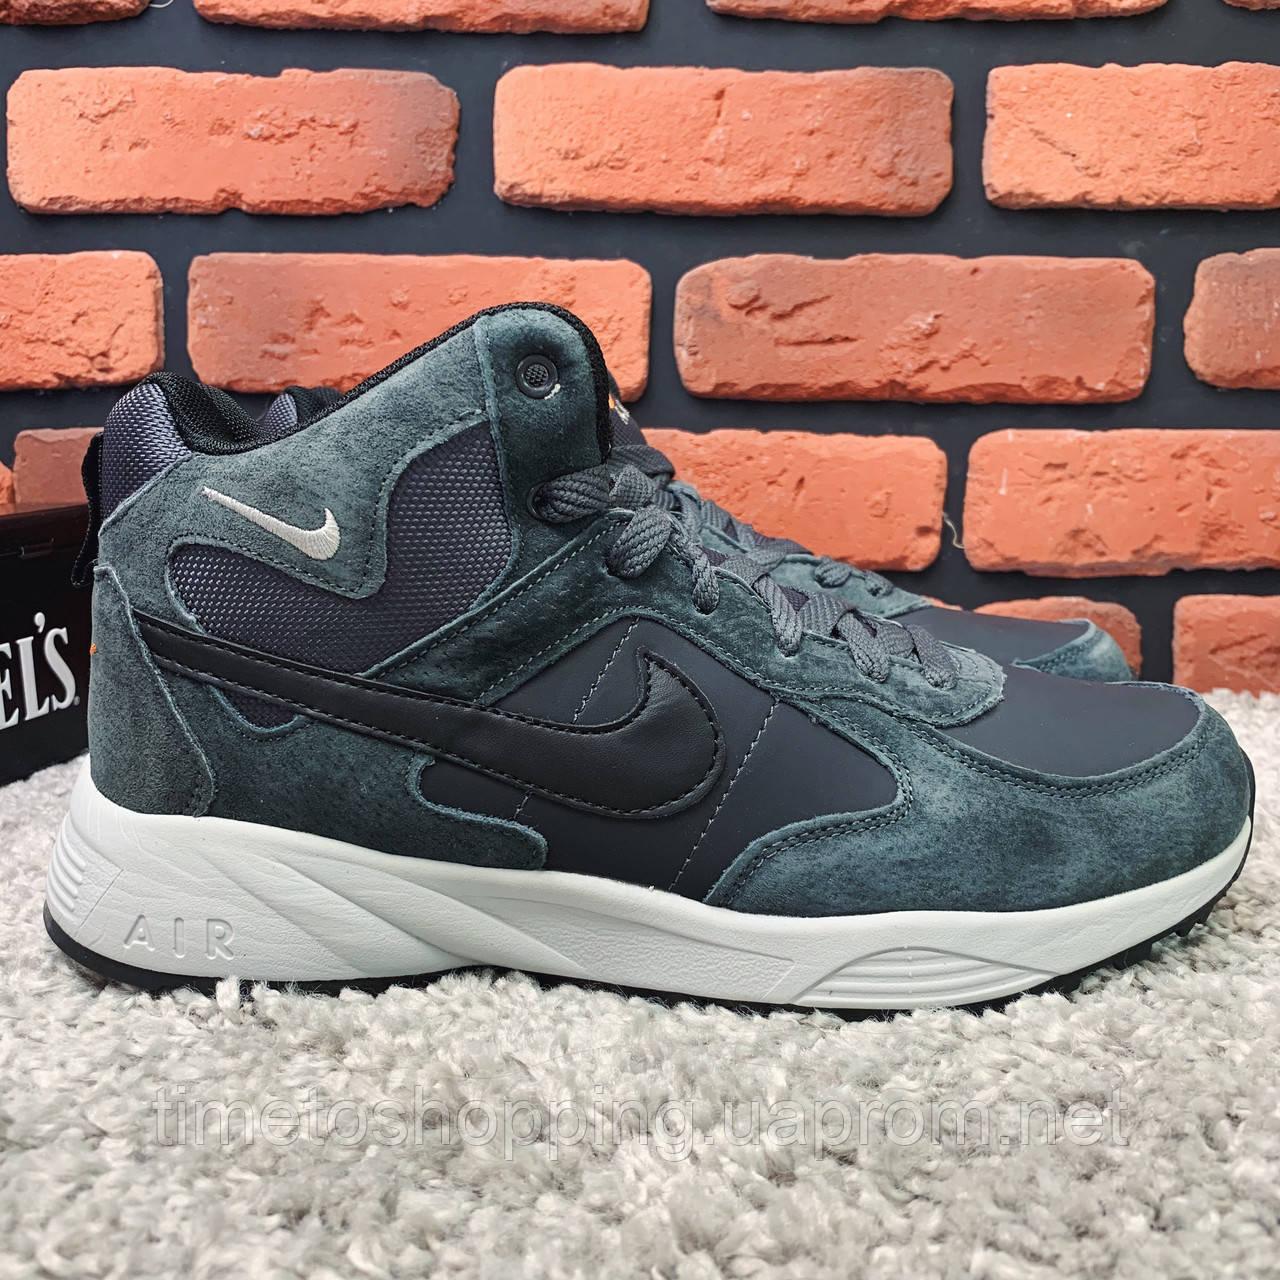 Зимние ботинки (НА МЕХУ) мужские Nike  Air Max  1-119 ⏩РАЗМЕР [ 43,46 ]